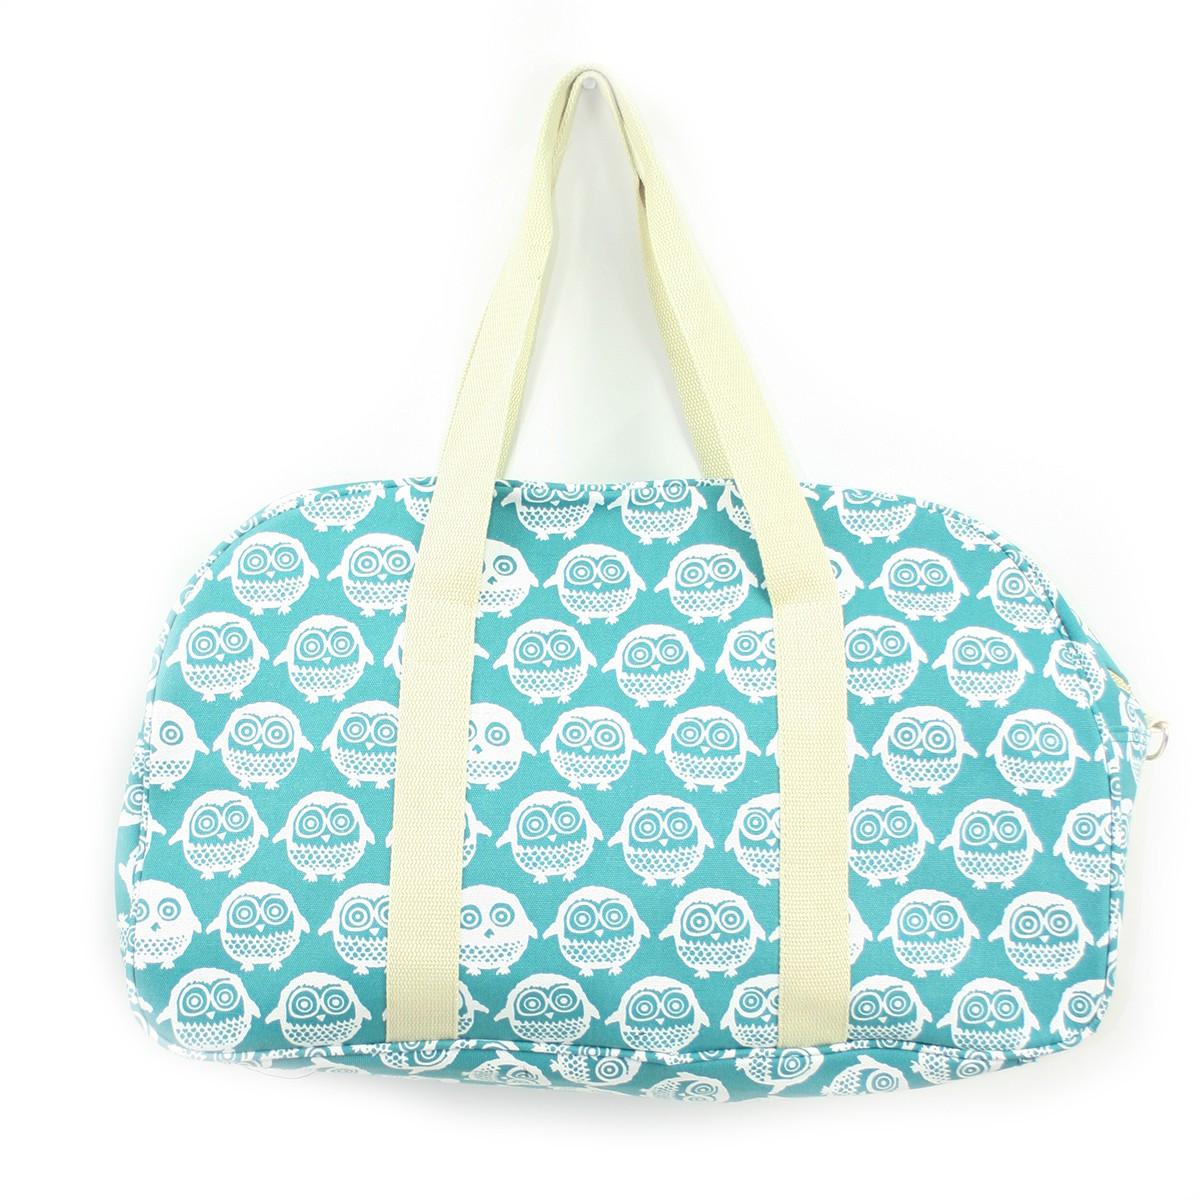 Τσάντα ταξιδιού γαλάζια <br/> με κουκουβάγιες μεγάλη